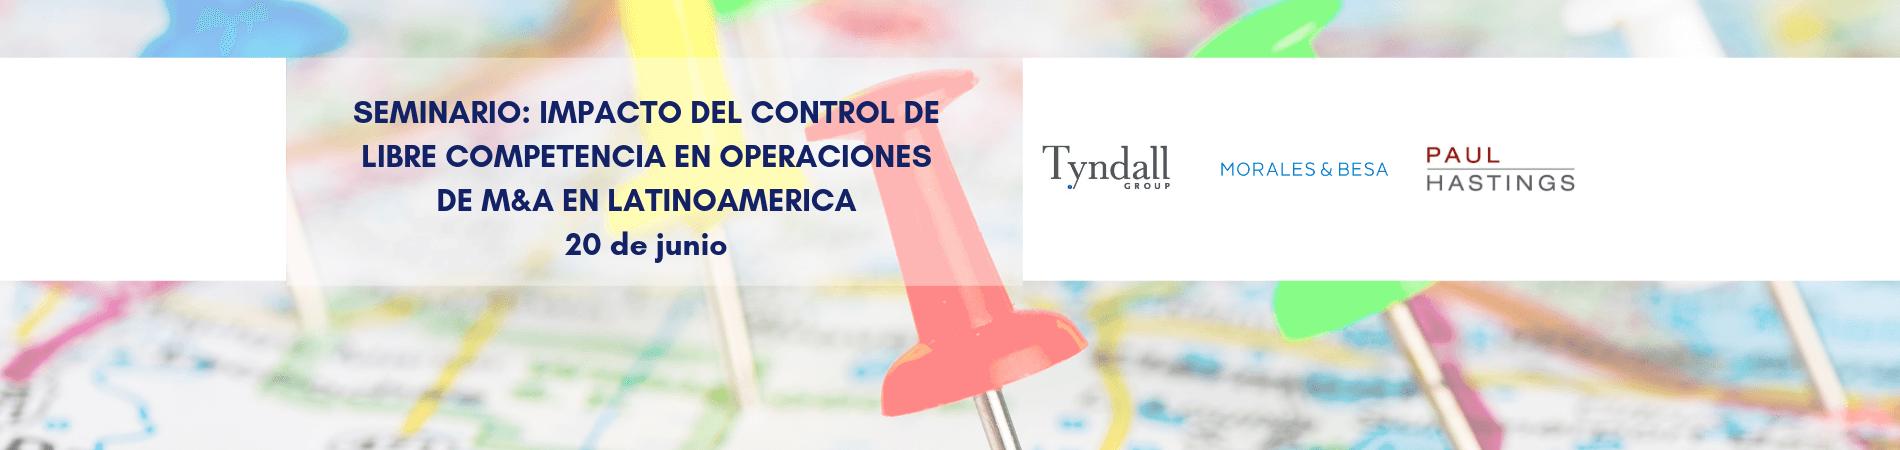 Save the date | Seminario: Impacto del control de libre competencia en operaciones de M&A en Latinoamérica